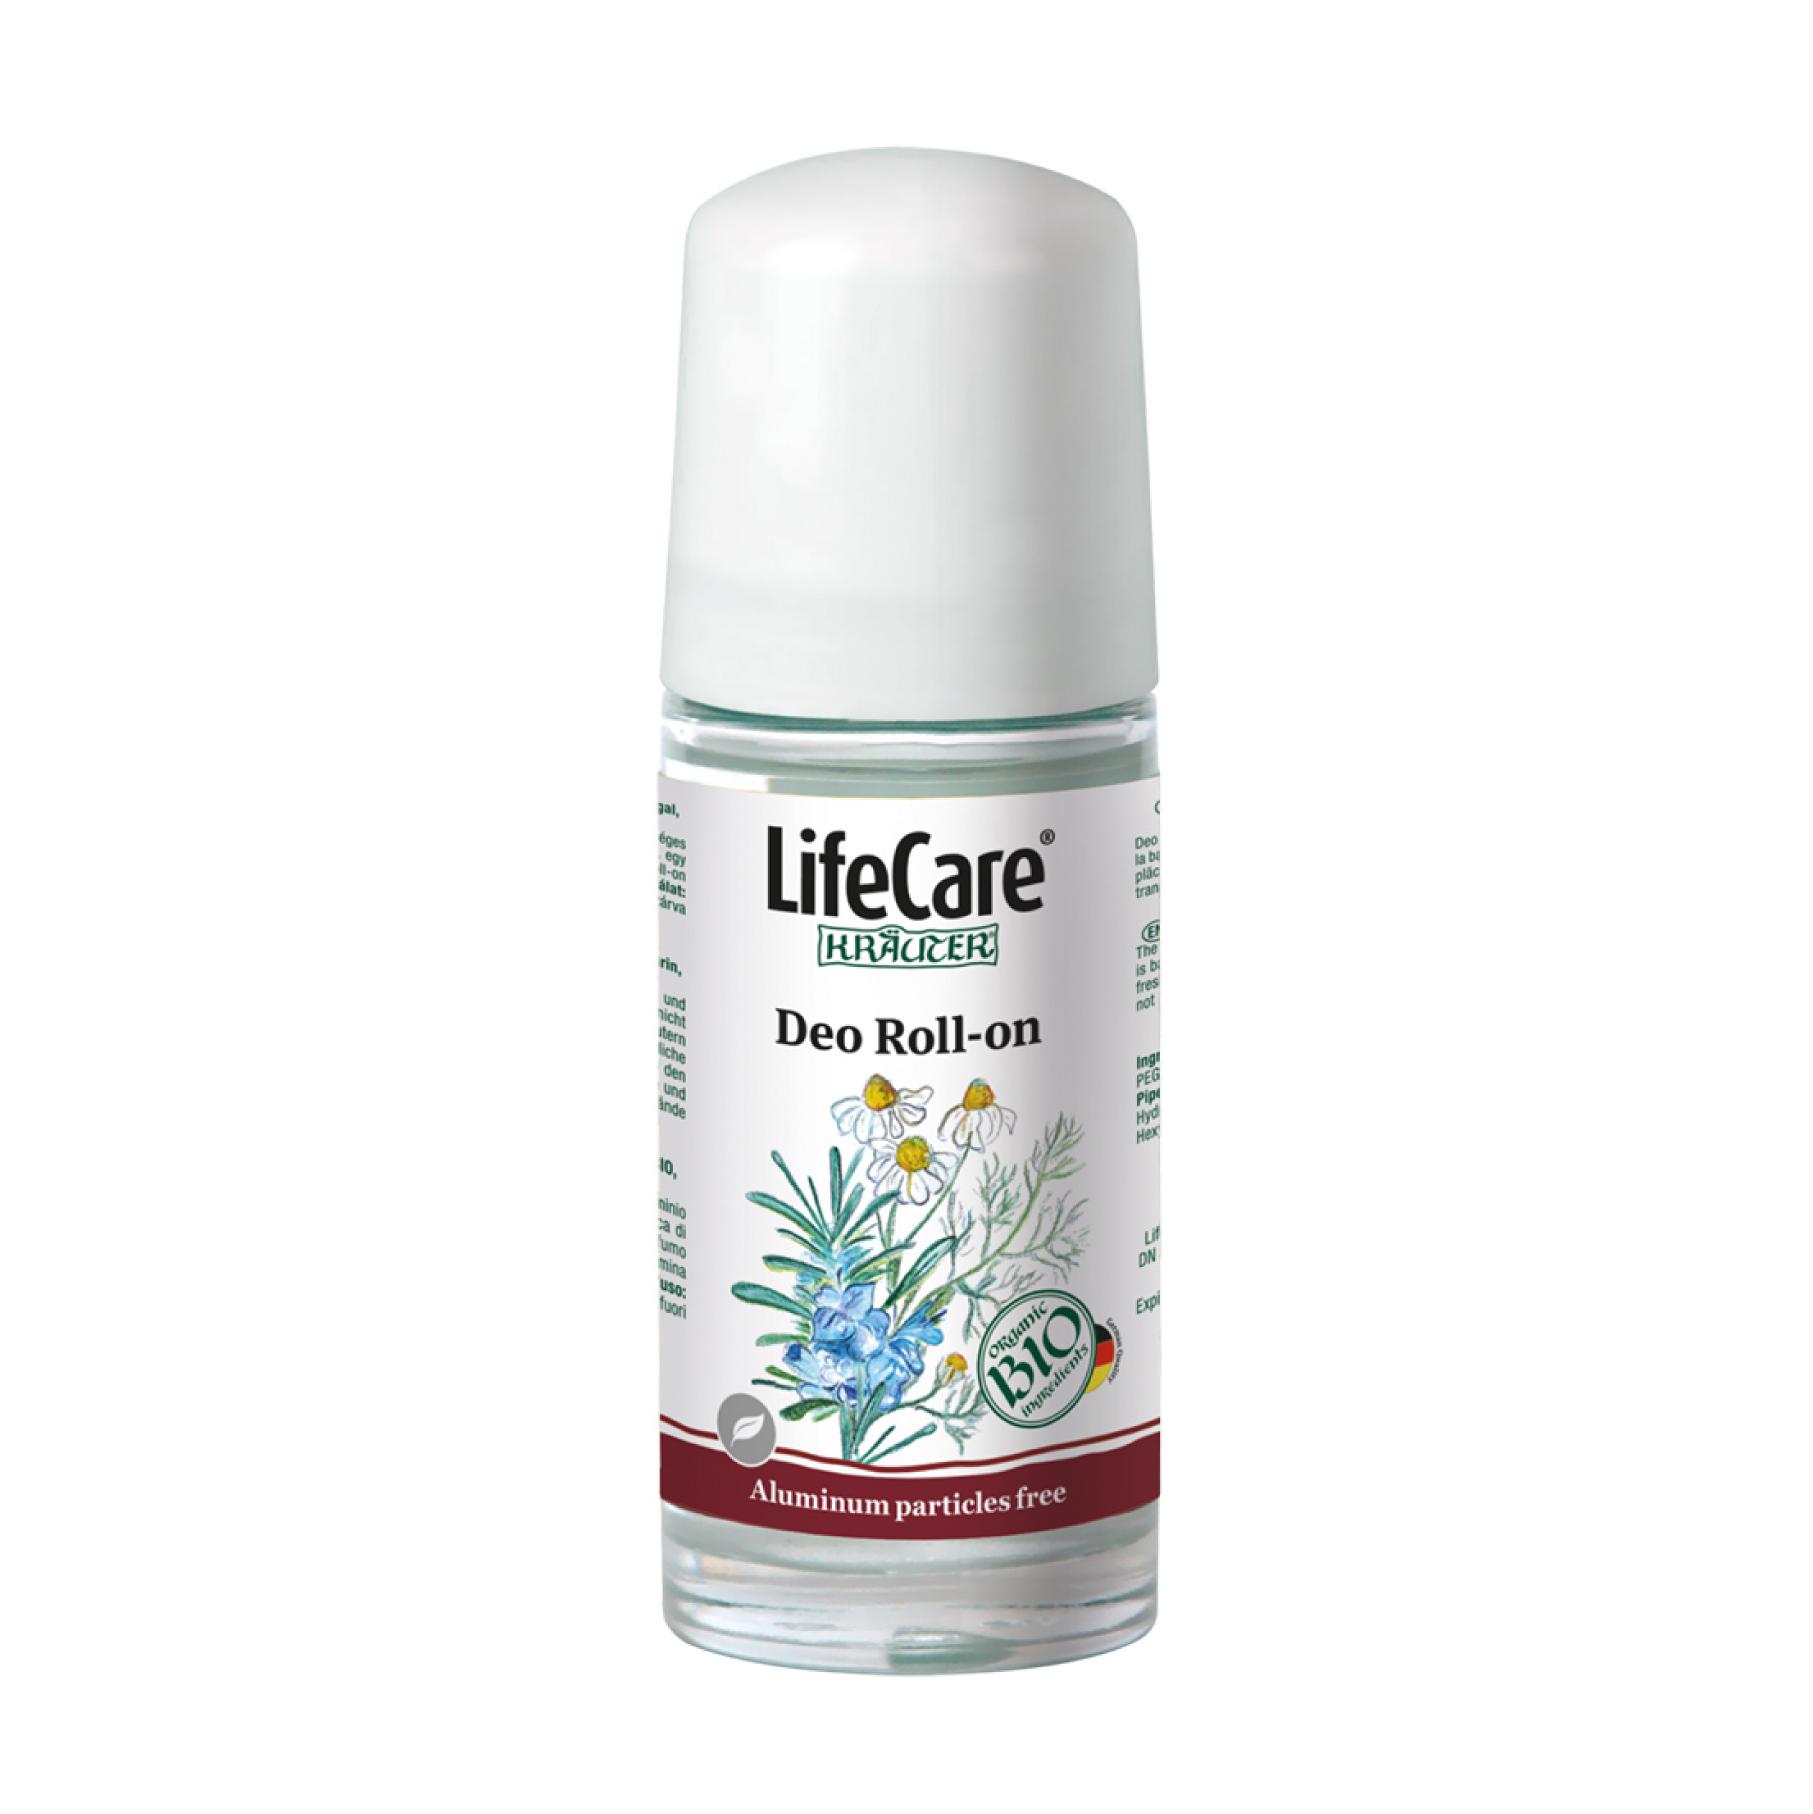 deodorant life care